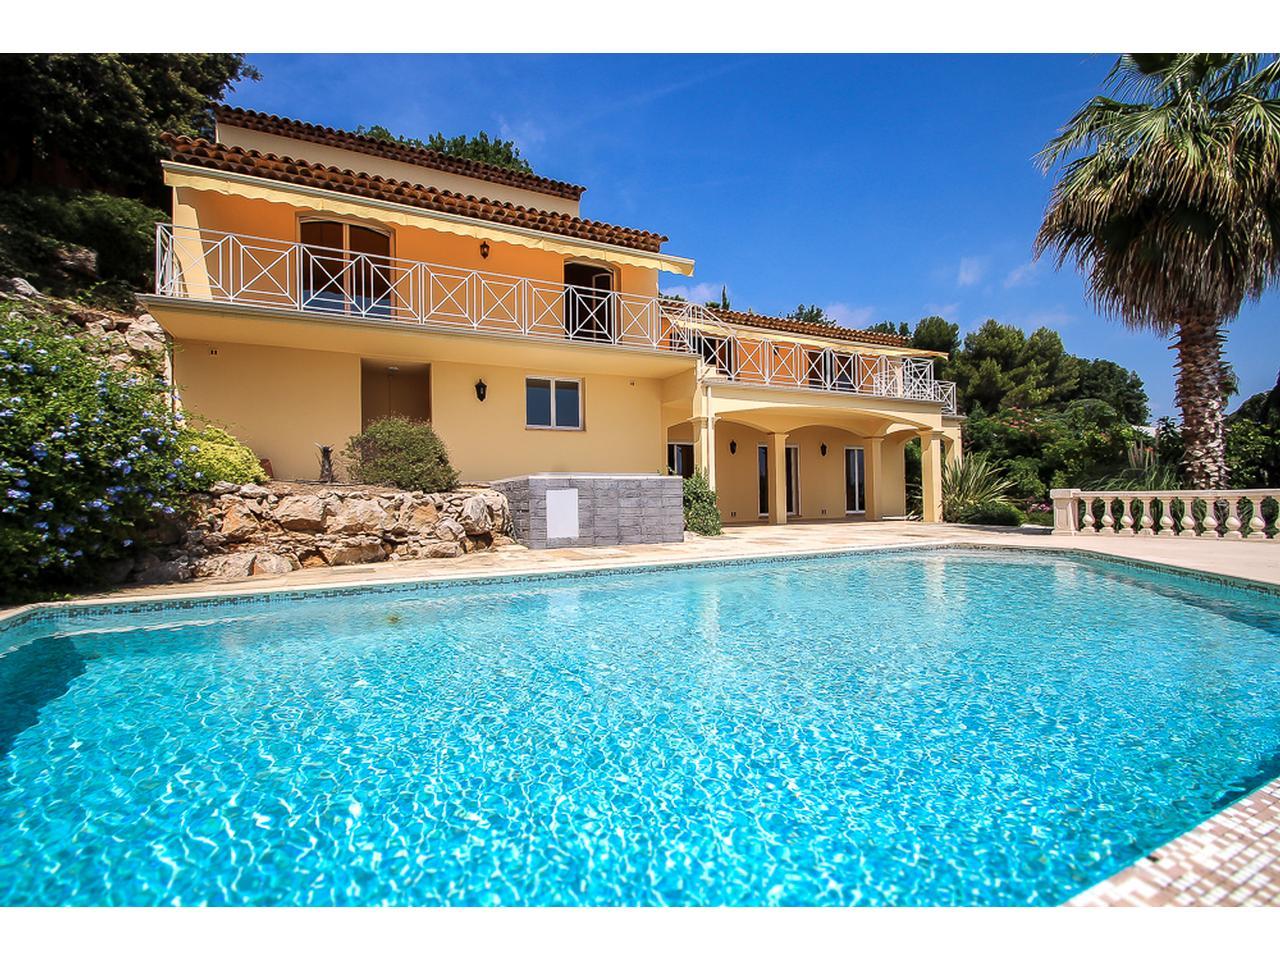 achat vente appartements et villas nice avec vue mer. Black Bedroom Furniture Sets. Home Design Ideas